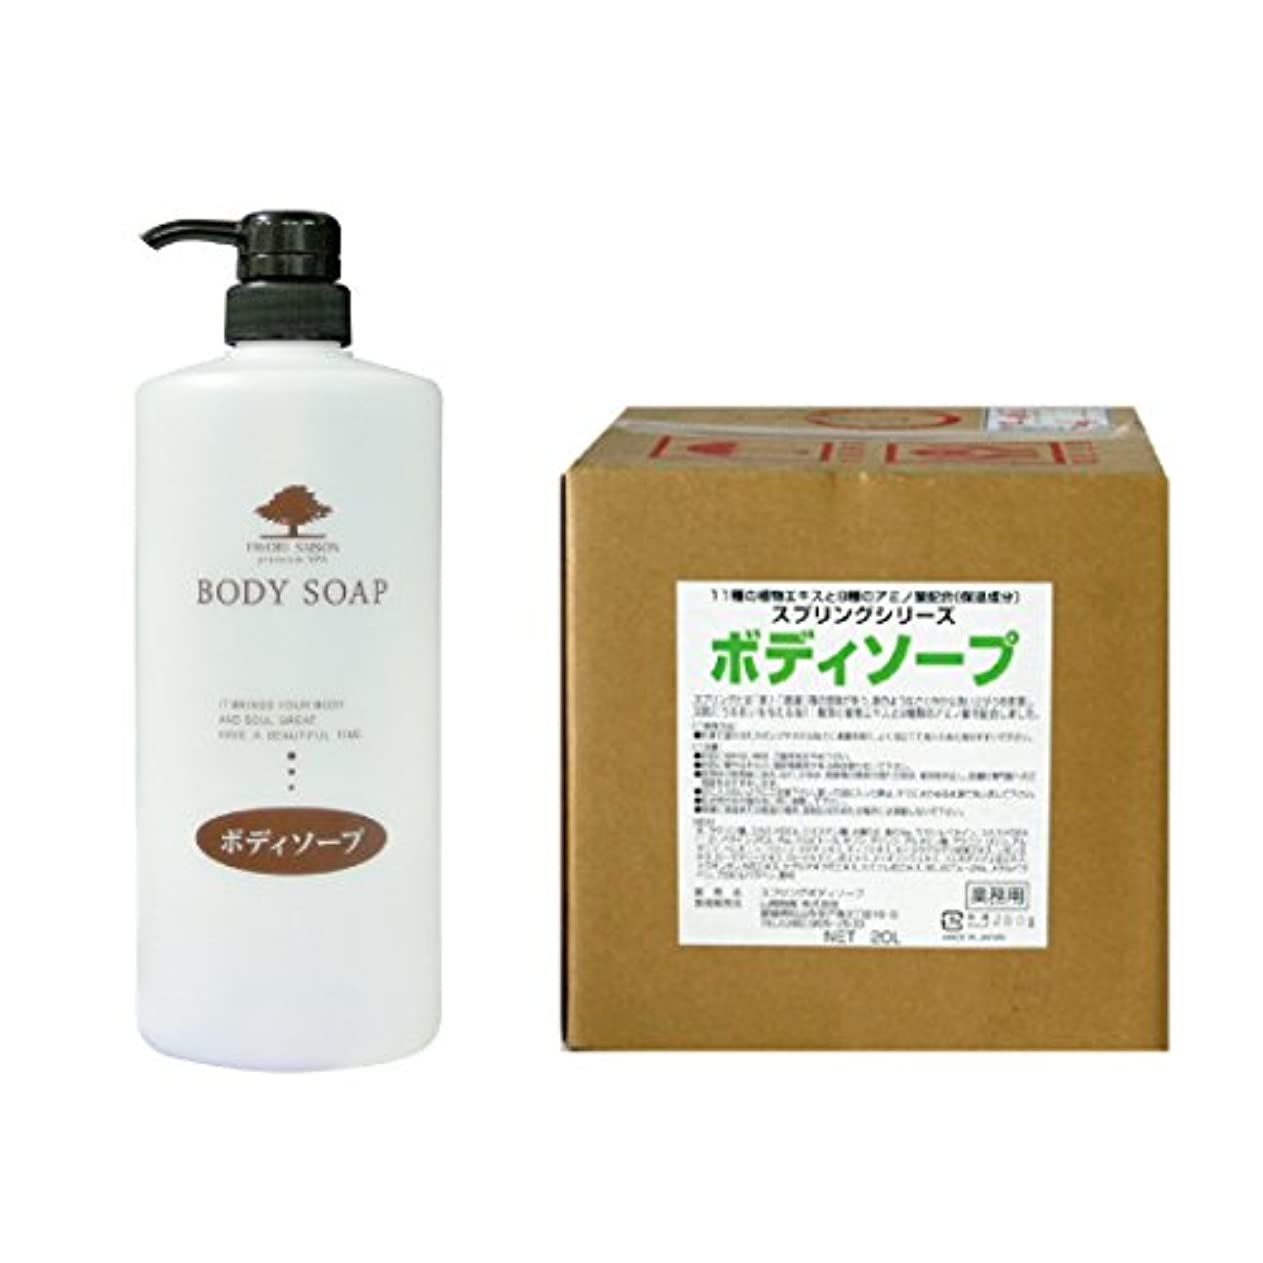 吸収する防水食用スプリング ボディーソープ 業務用20L